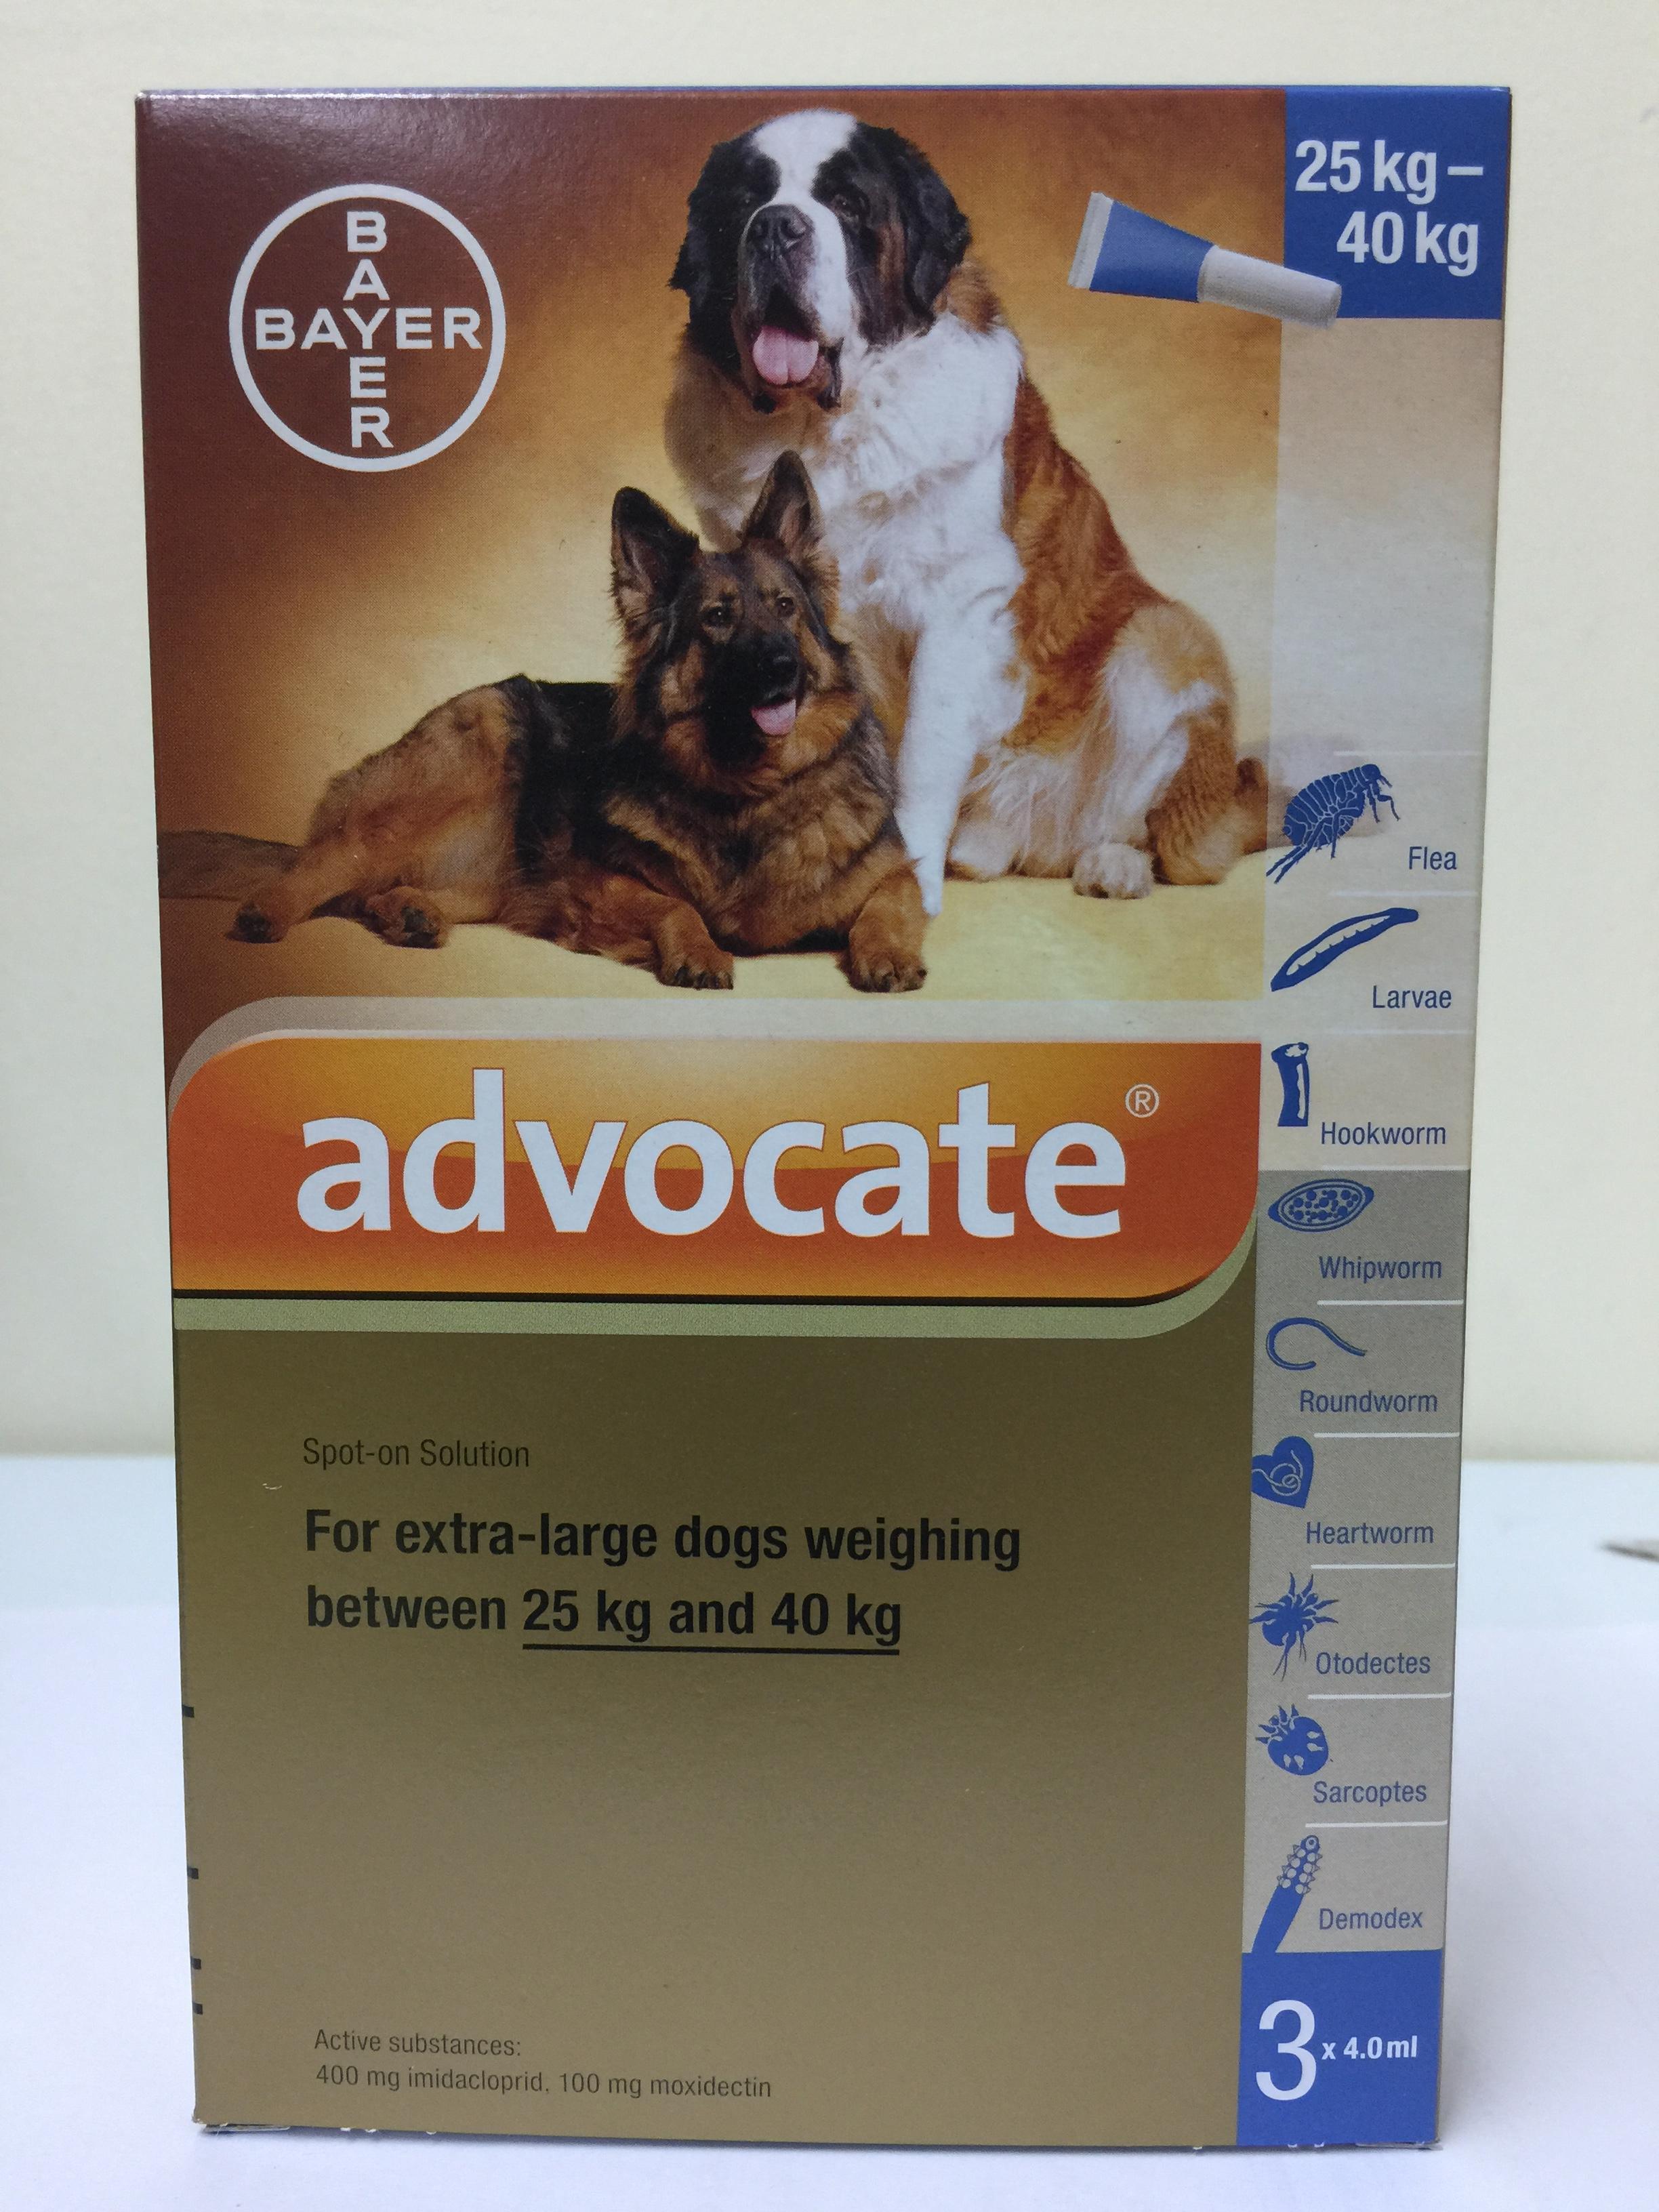 Bayer Advocate ยาหยอดเห็บ หมัด สำหรับสุนัขขนาดใหญ่ น้ำหนัก 25-40 กก. ขนาด 4.0 มล. Exp.05/19